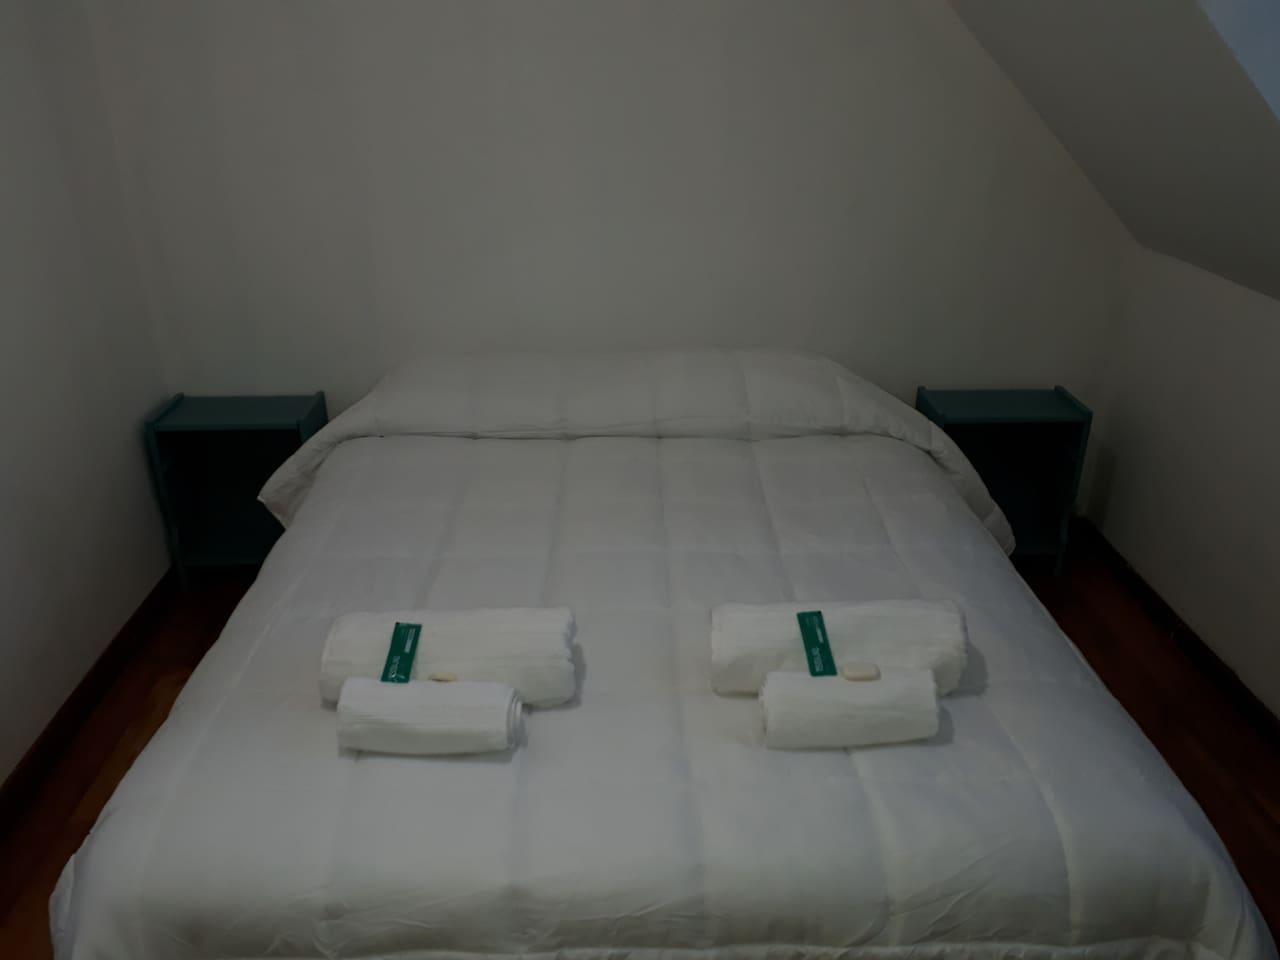 Dormitorio 1. 1 Sommier Queen zise, marca King KoiL con resortes individuales. Toalla y toallon Danubio 500grs. Jabon y shampoo.